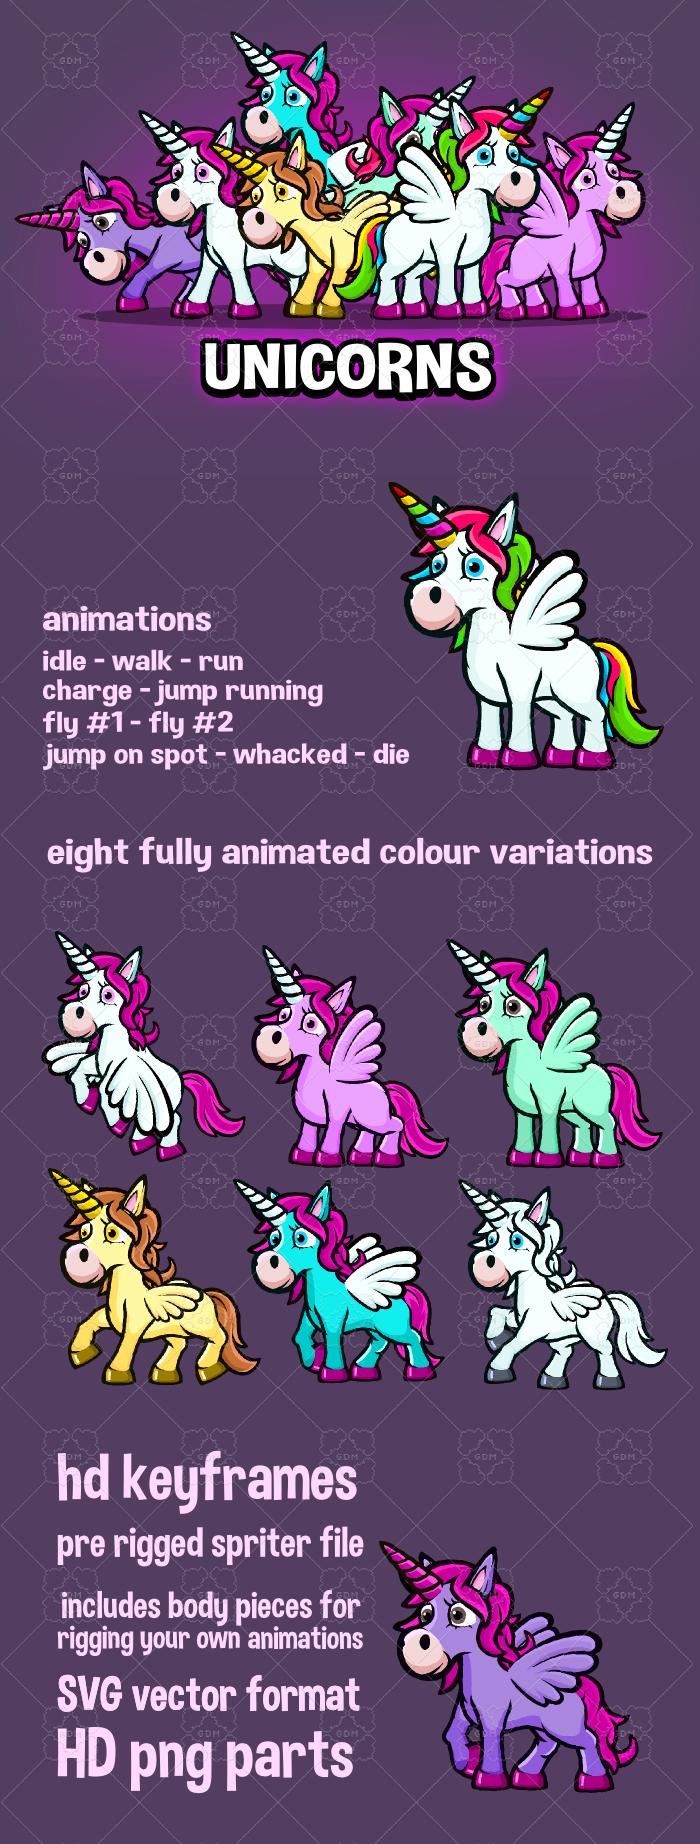 Animated cartoon Unicorn game asset